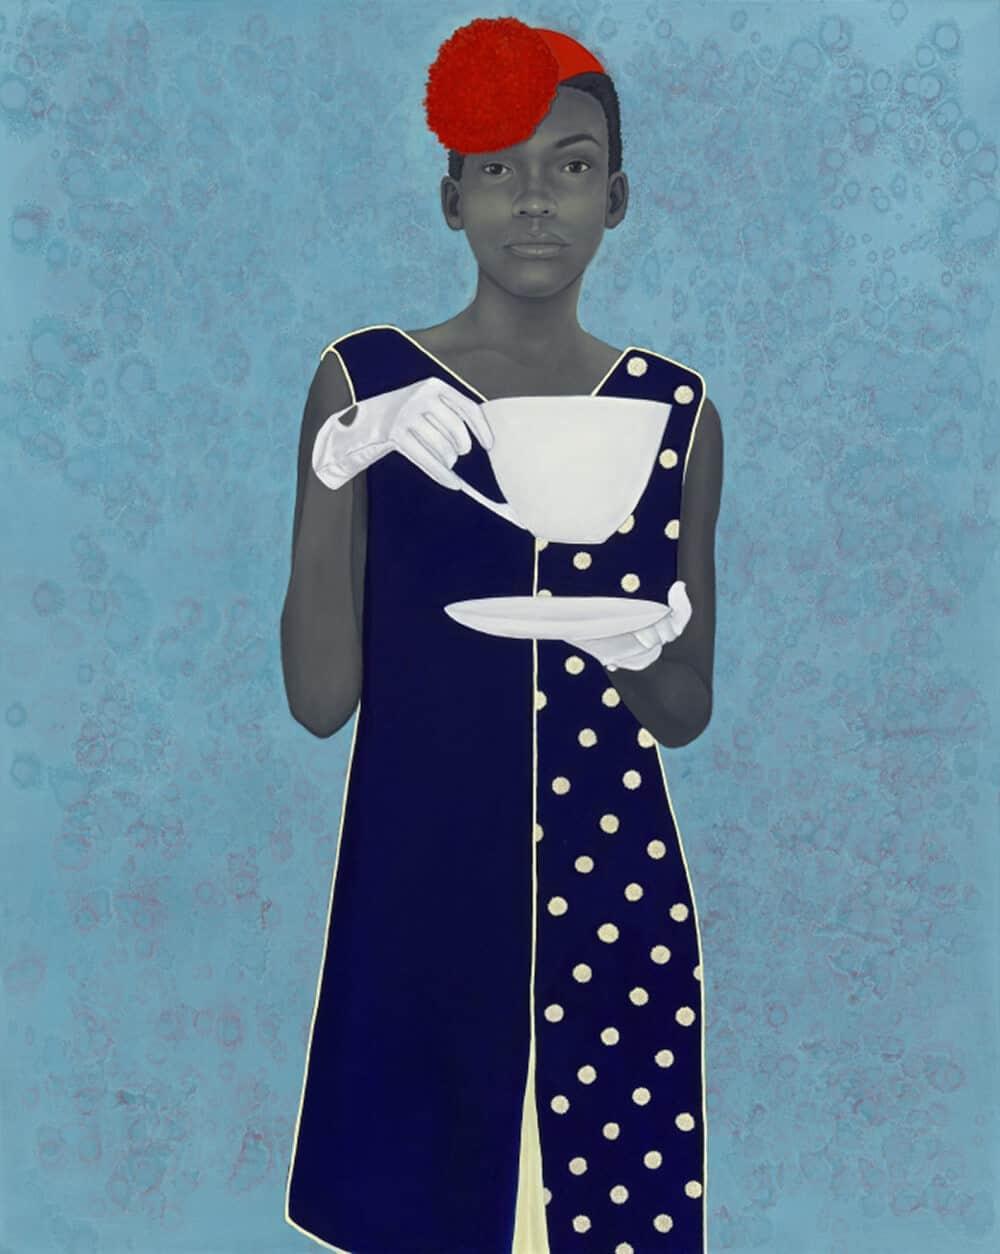 Miss Everything (Unsuppressed Deliverance) di Amy Sherald, olio su tela, 2013. Per gentile concessione di Frances & Burton Reifler © Amy Sherald.